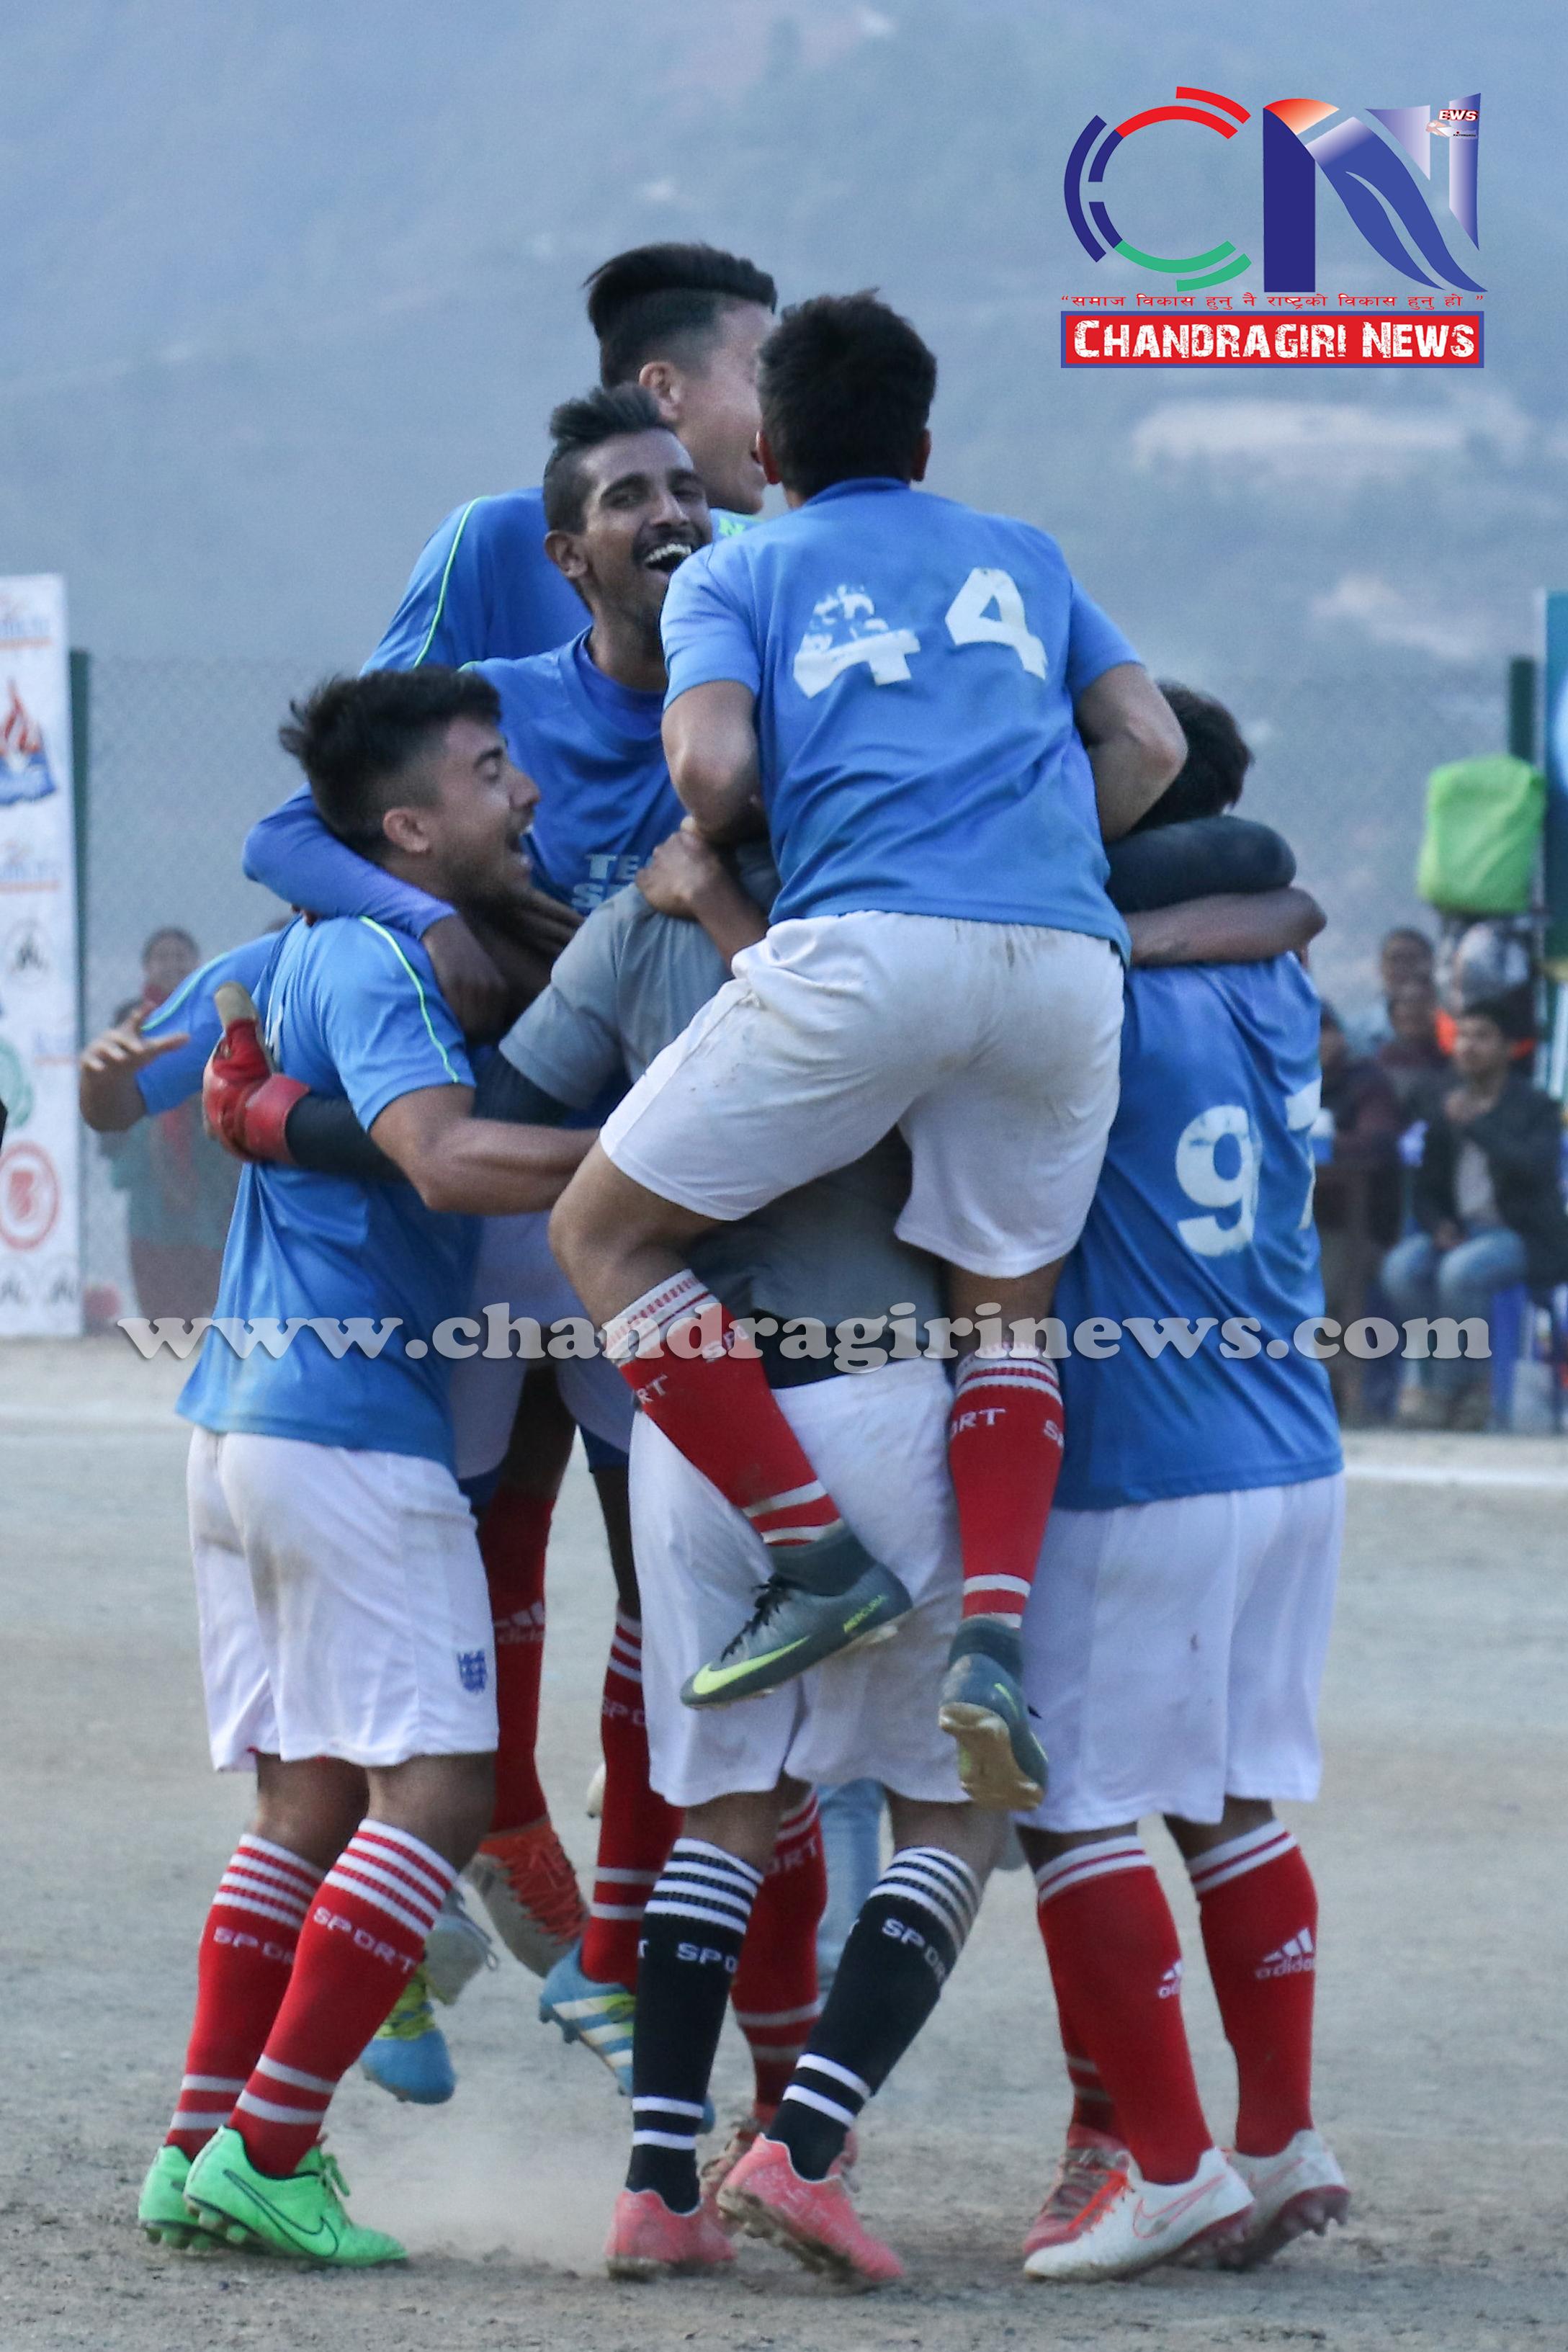 Chandragirinews western-united-final-9 नेपालय वइस्टर्न यूनाइटेड फुटबलको उपाधि टिम स्पिड न्यूरोडलाई खेलकुद ब्रेकिंग न्युज मुख्य    chandragiri